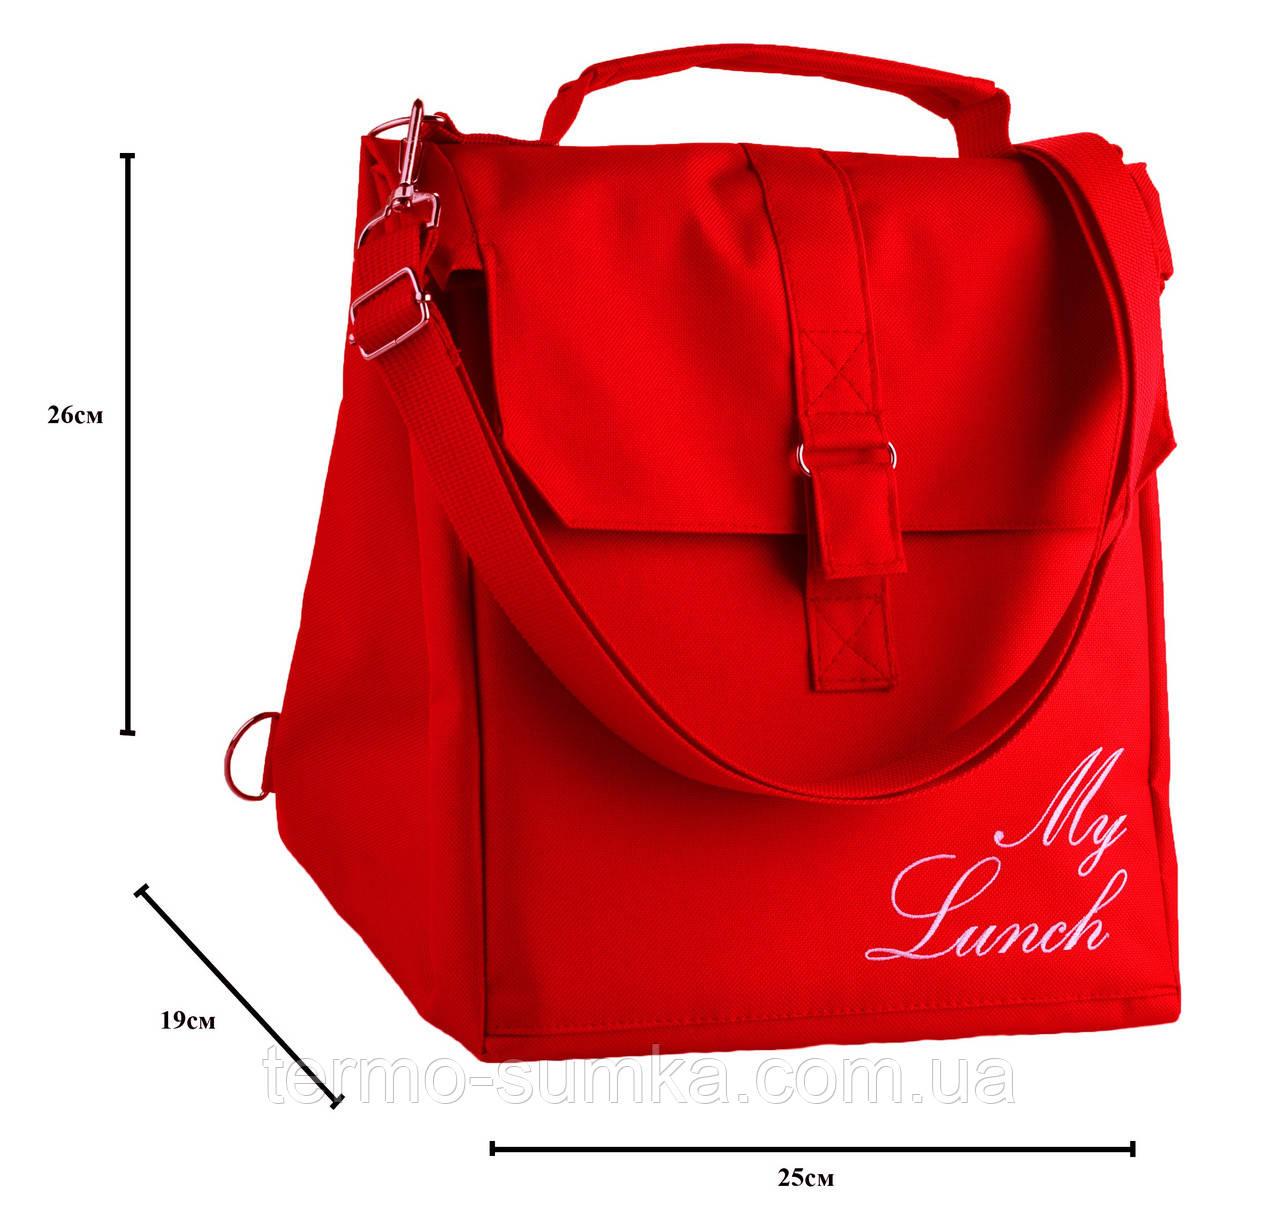 b158bd9f9657 Термосумка - рюкзак Dolphin Ланч бэг с вышивкой My lunch. Красный ...